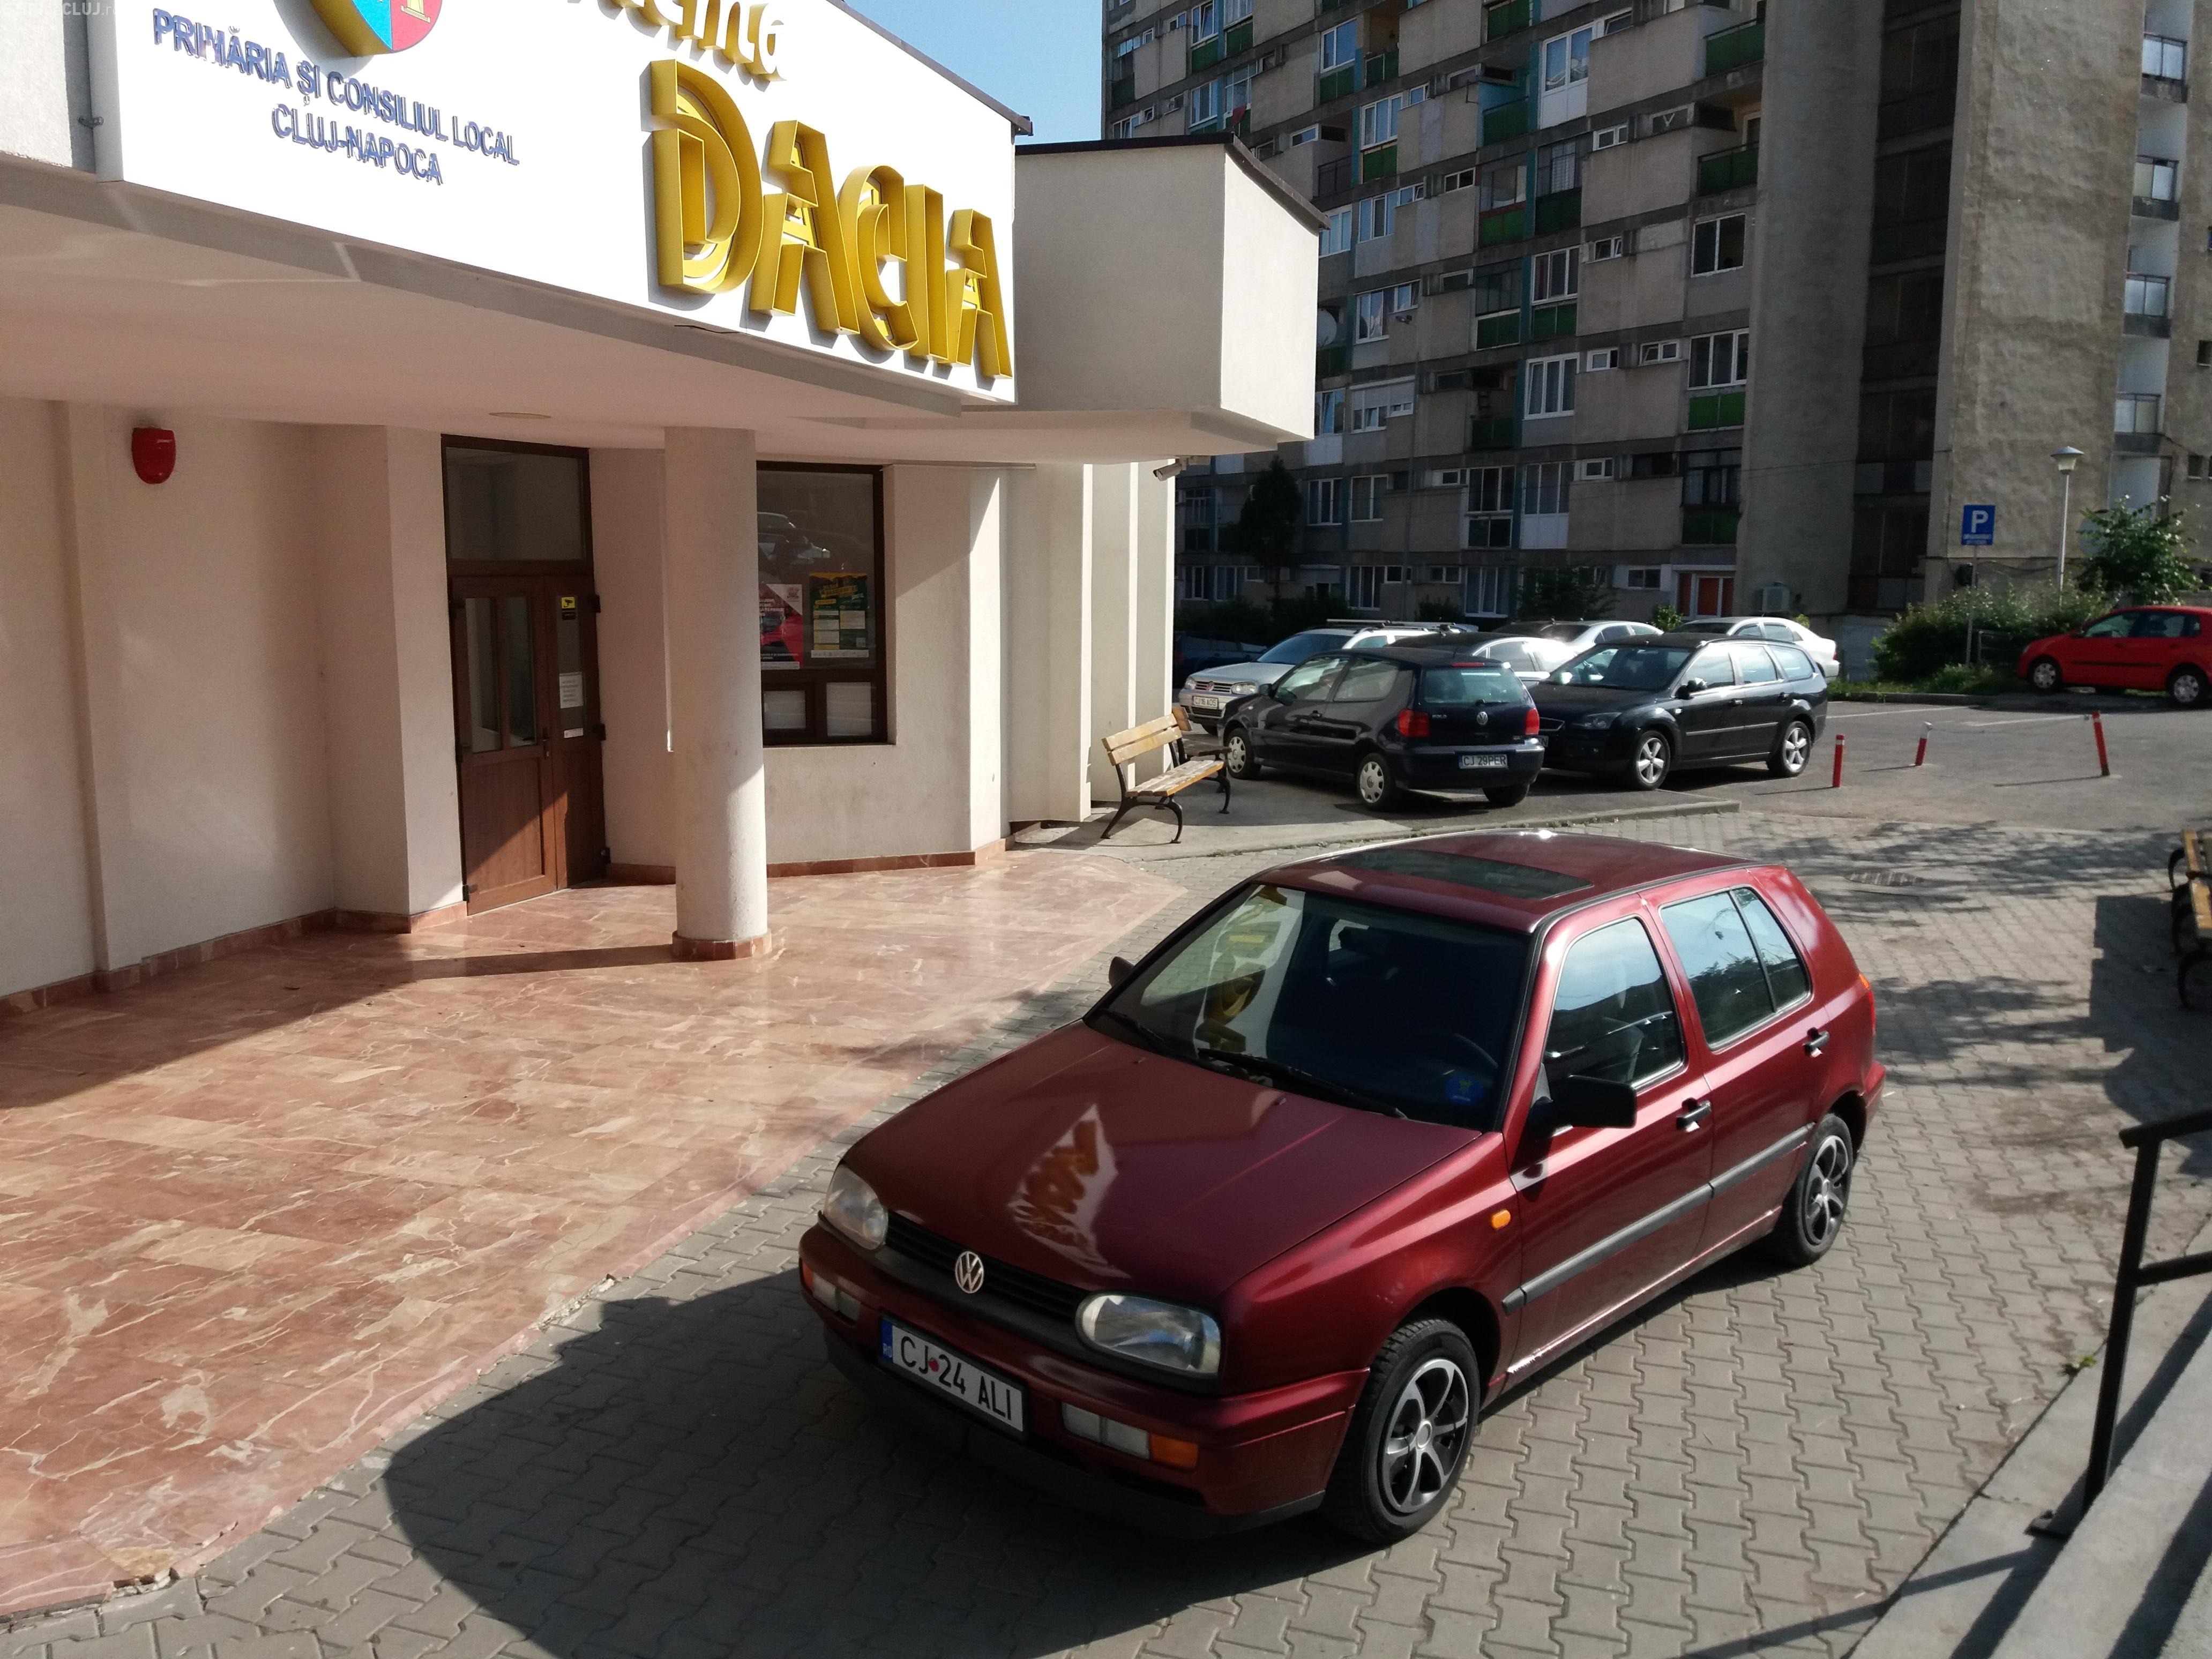 Parcarea pentru polițiști ȘMECHERI în ușa Cinema Dacia! Poliția Locală, de teamă, nu ia măsuri - FOTO